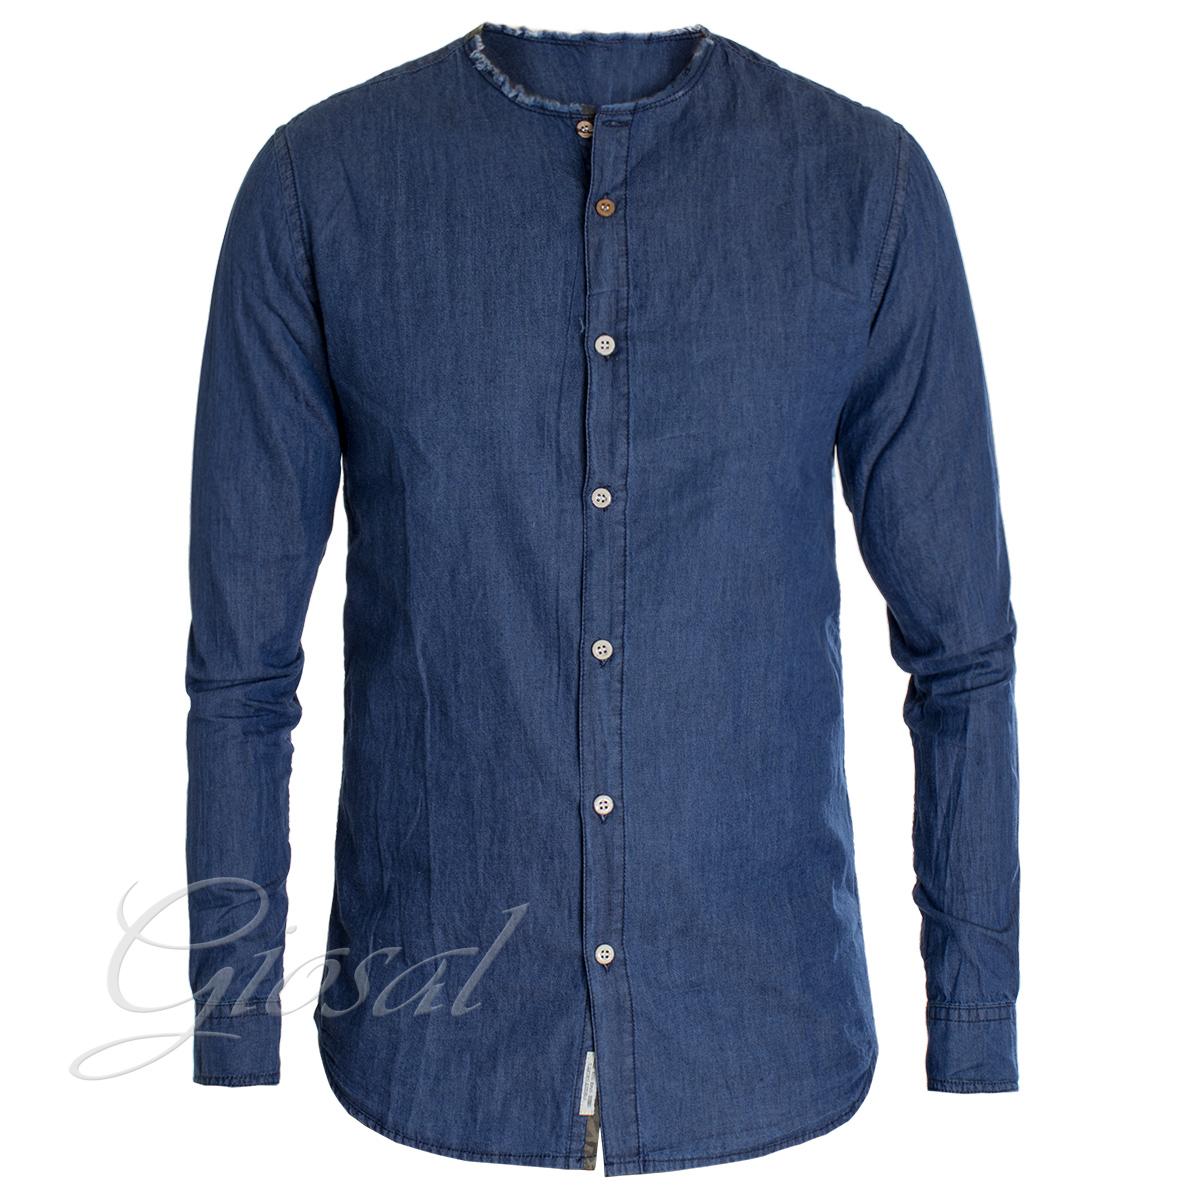 Camicia-Uomo-Jeans-Denim-Collo-Coreano-Sfrangiato-Primaverile-Casual-GIOSAL